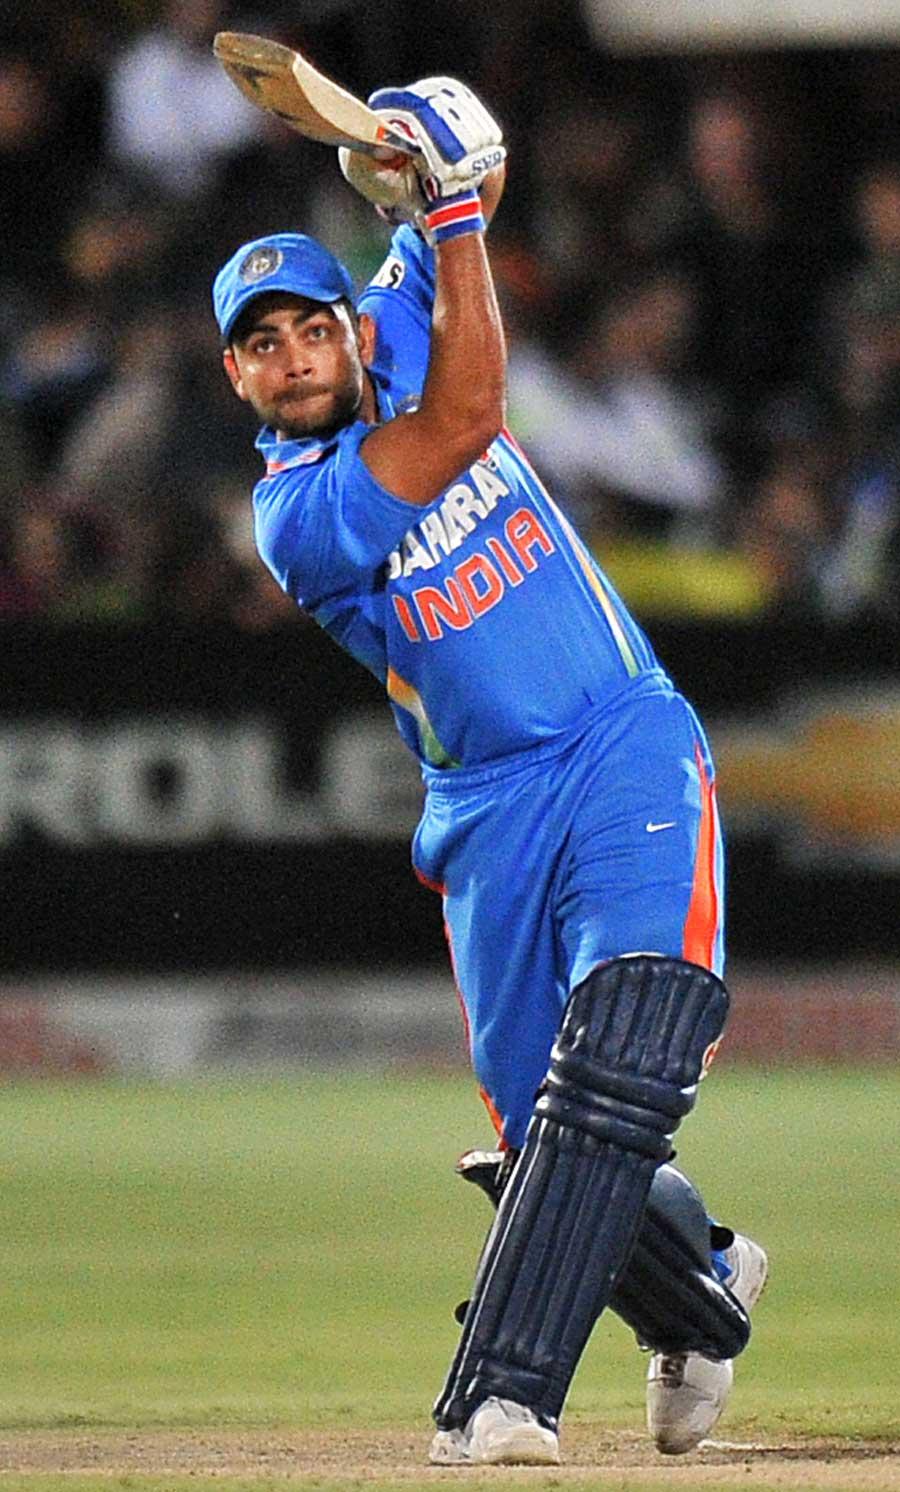 Full Scorecard of South Africa vs India 4th ODI 2010/11 - Score Report | ESPNcricinfo.com